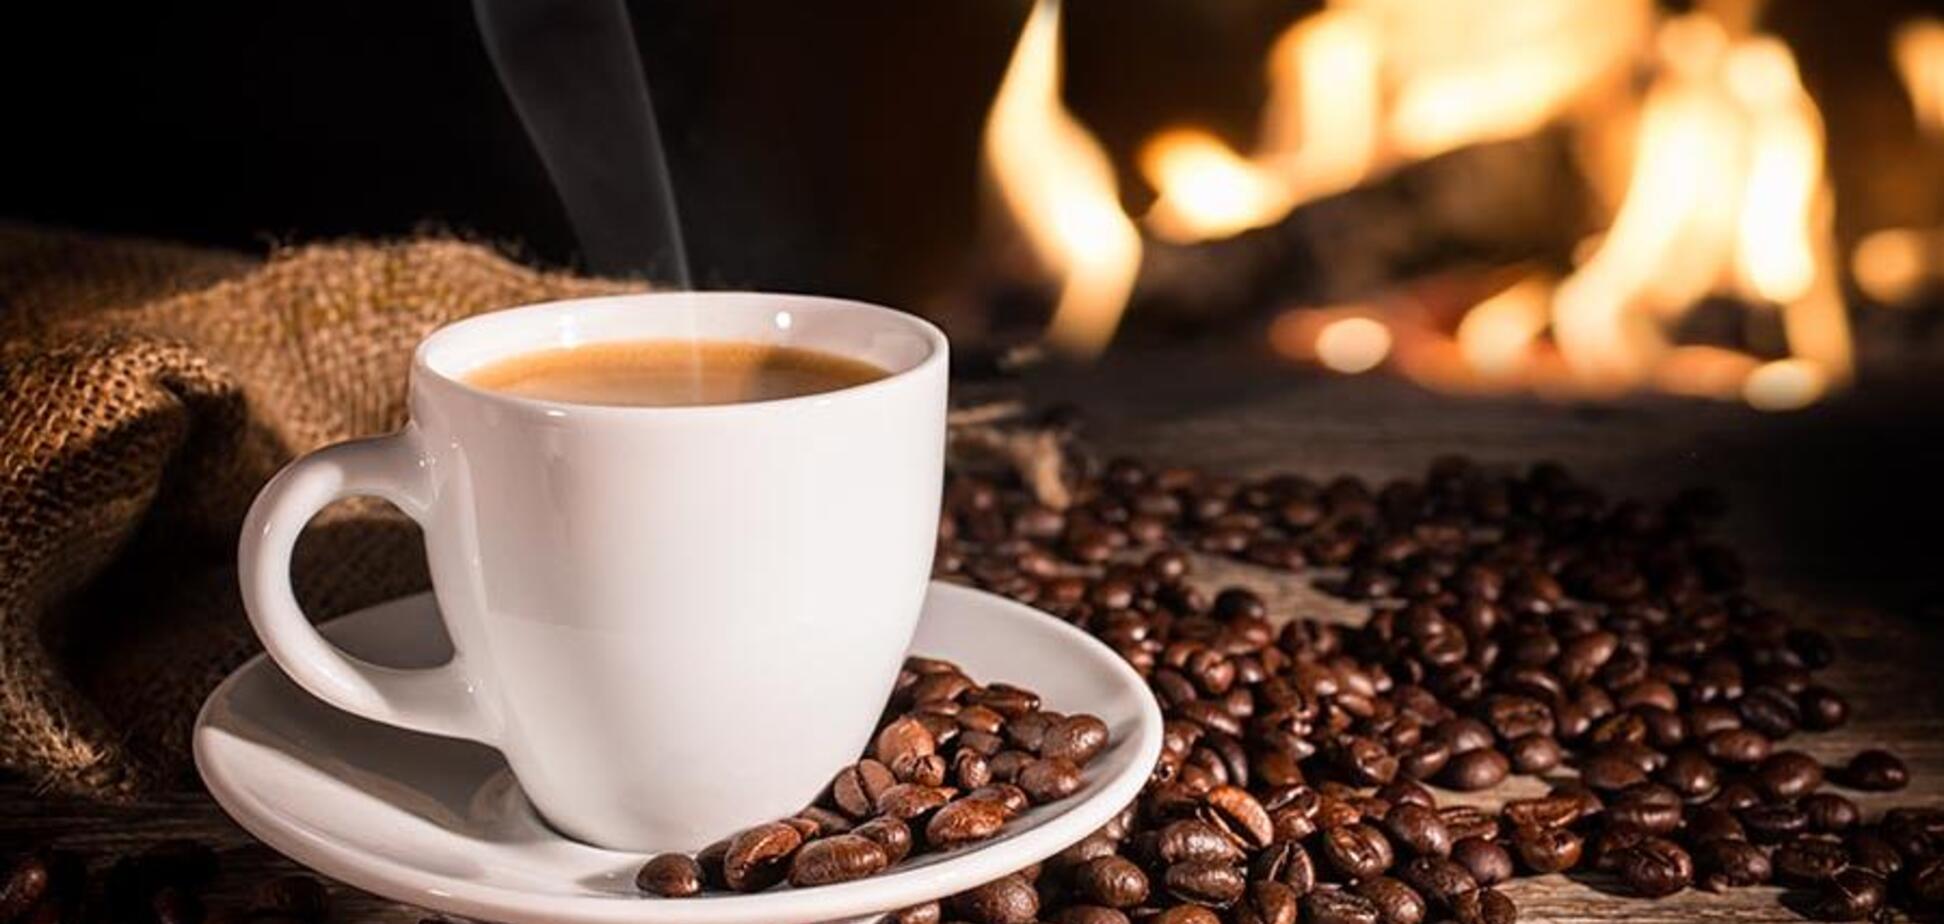 Начиная с кофе: врачи назвали три самые вредные утренние привычки